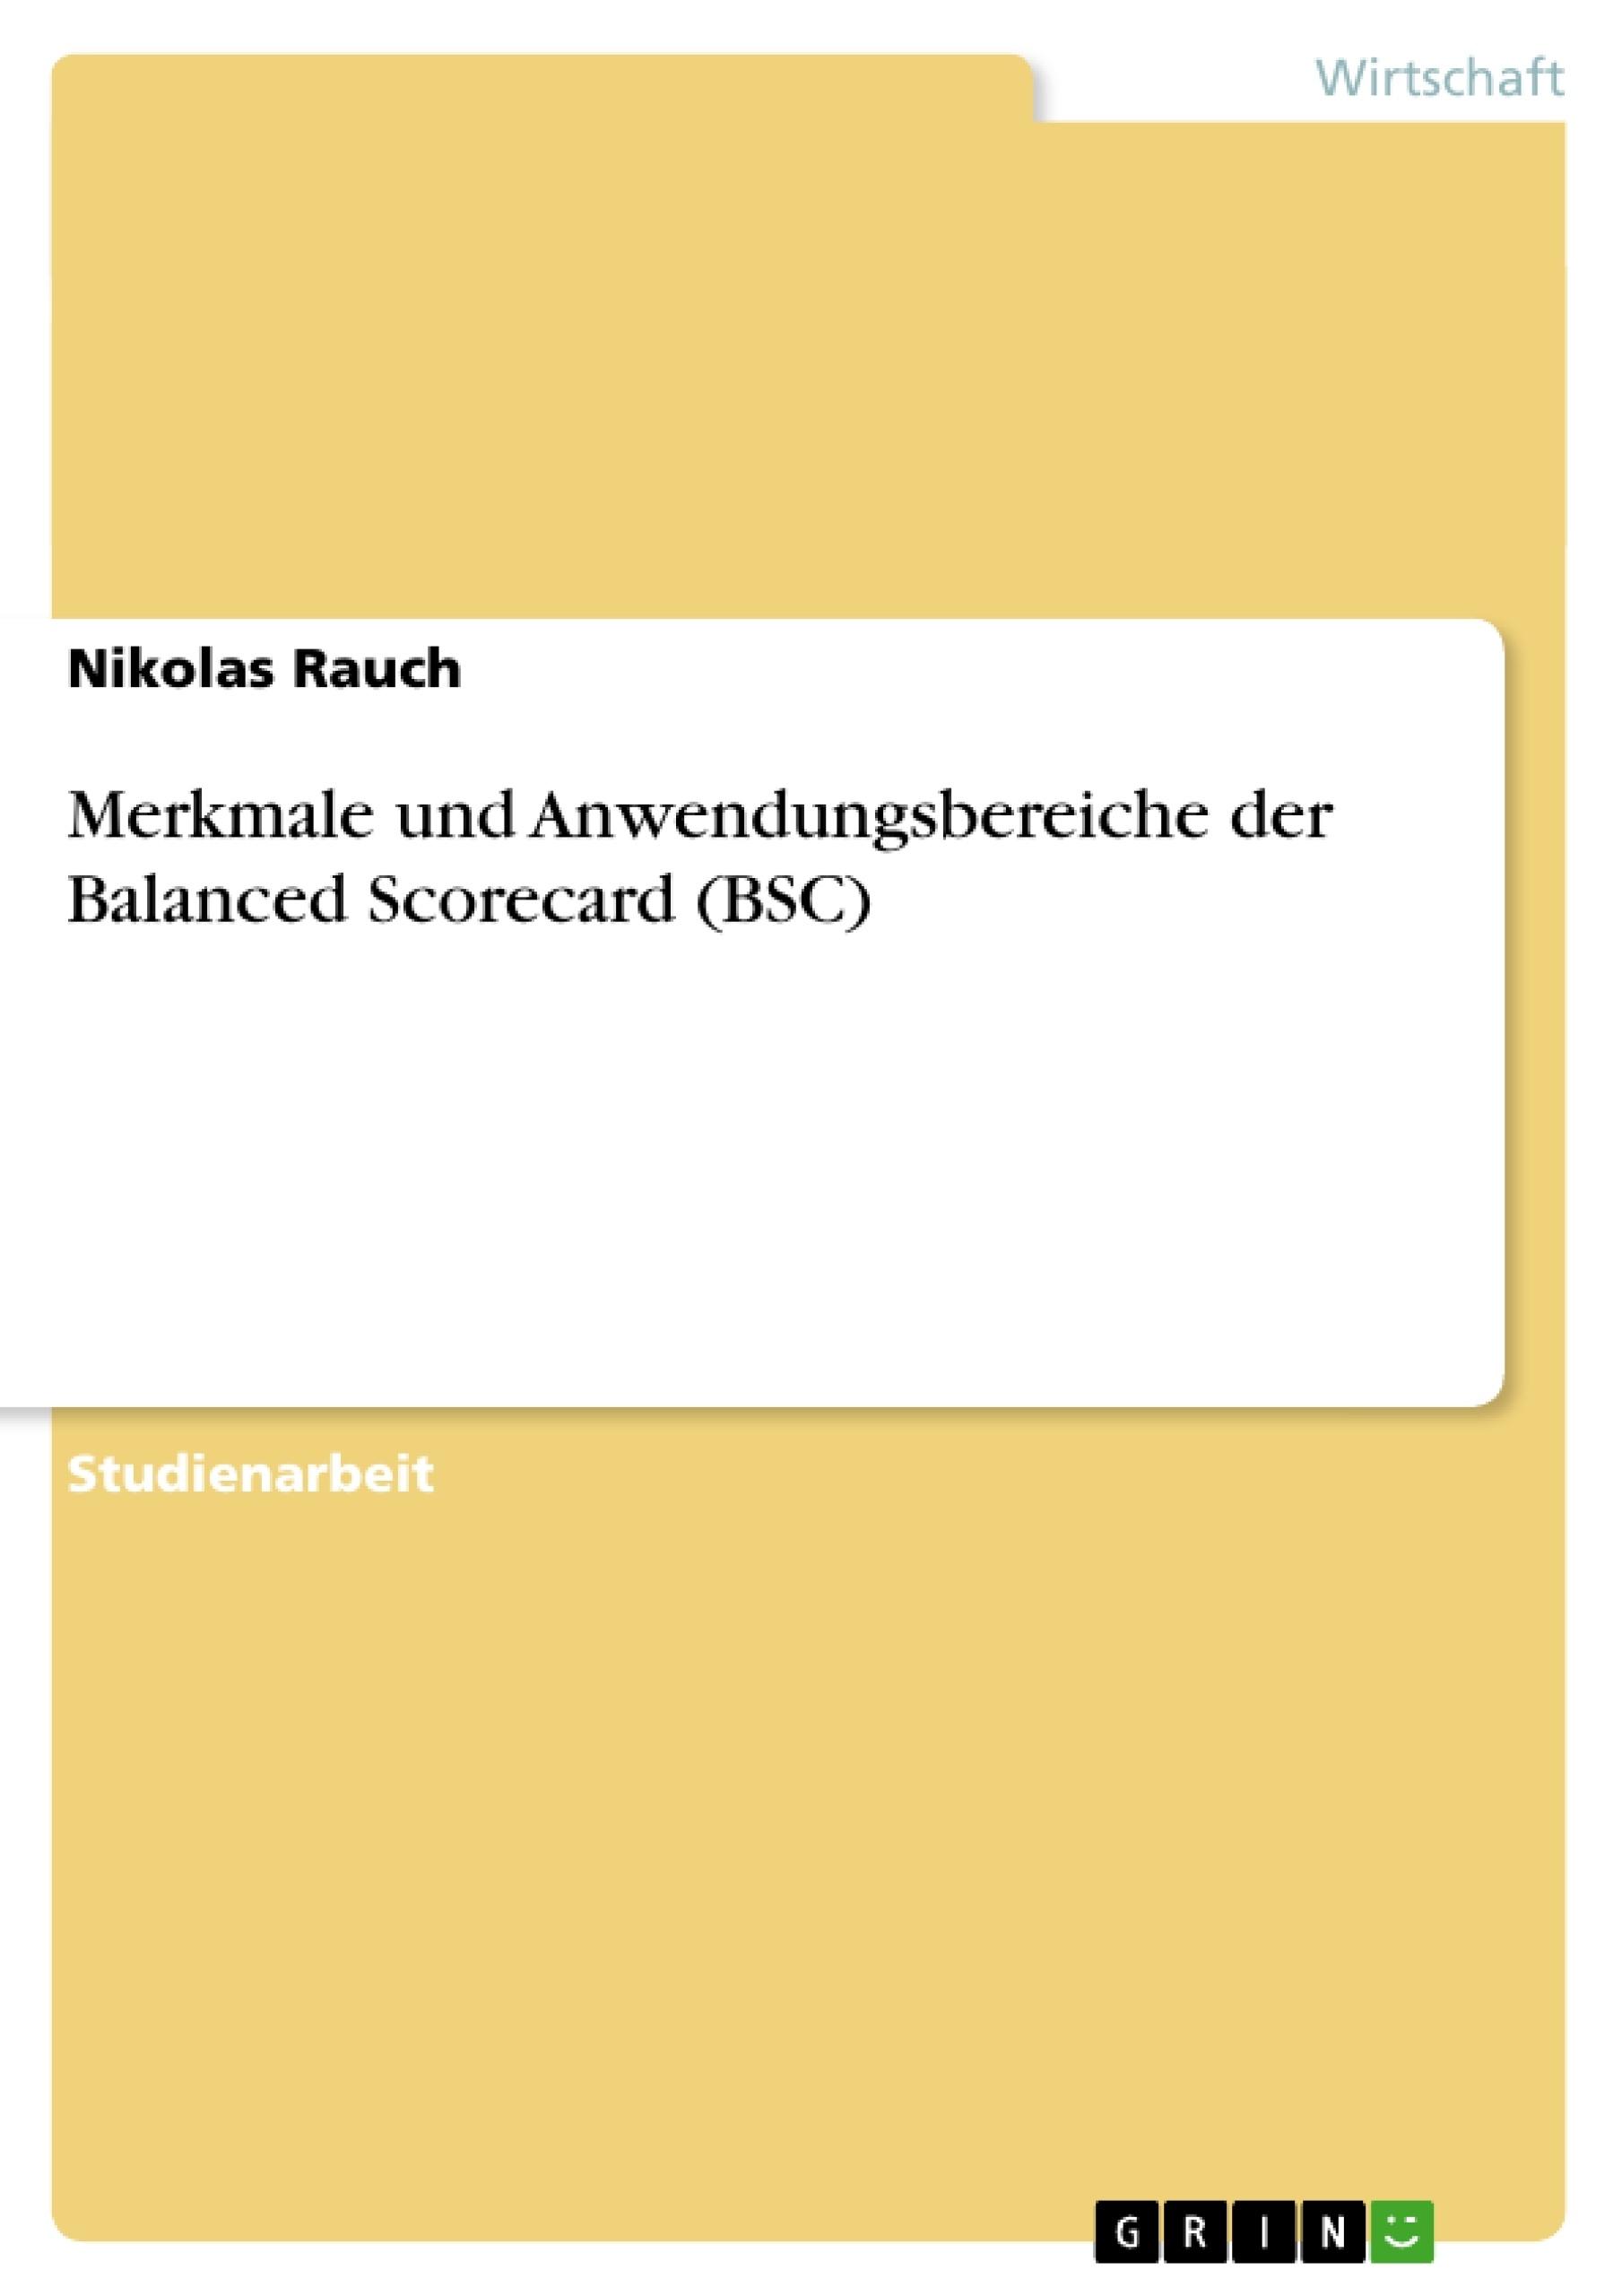 Titel: Merkmale und Anwendungsbereiche der Balanced Scorecard (BSC)